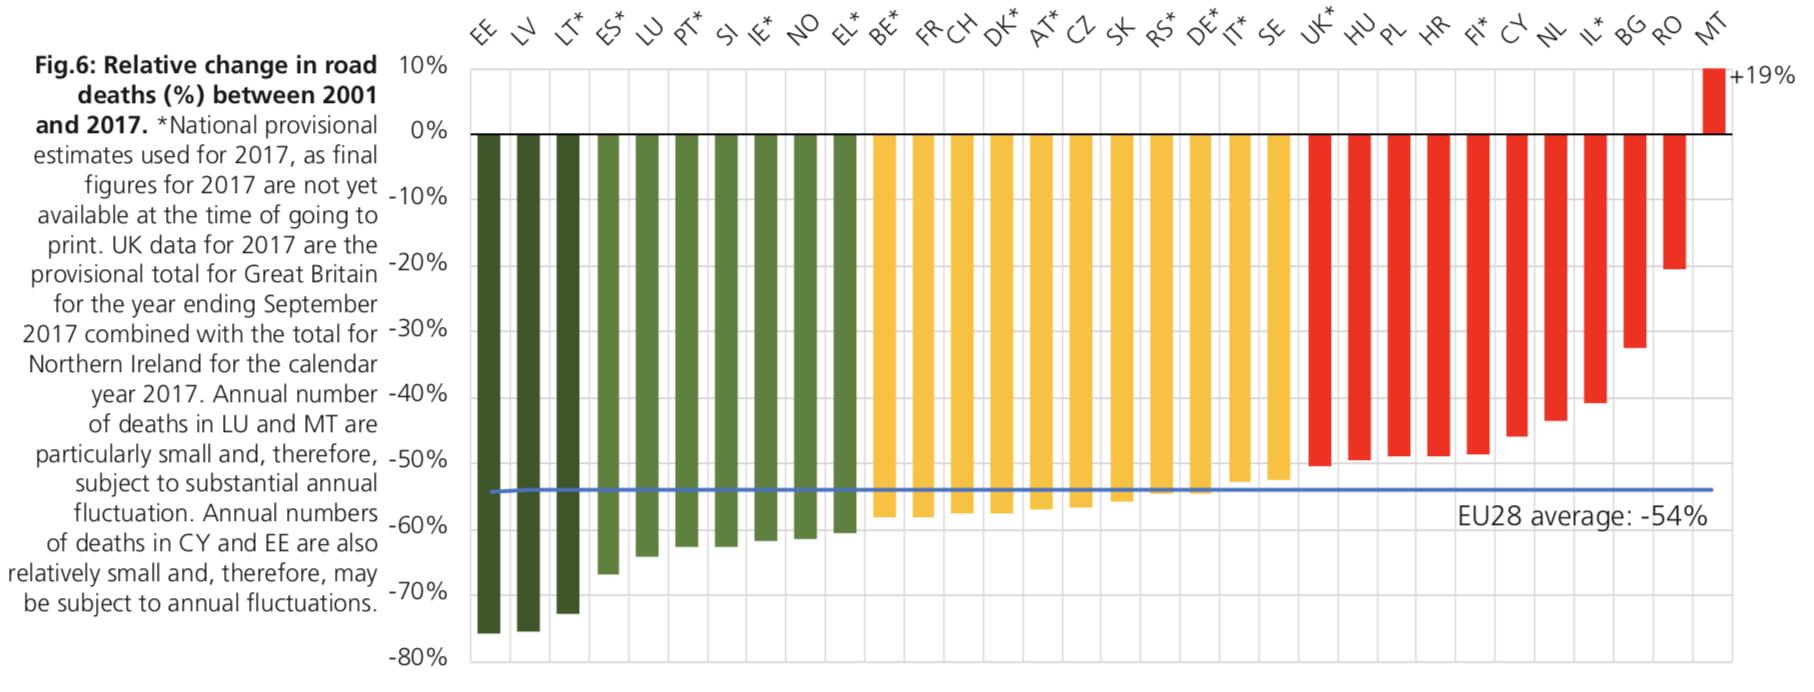 Zmiana procentowa w liczbie ofiar wypadków drogowych w Europie w latach 2001 - 2017. Źródło: Raport ETSC